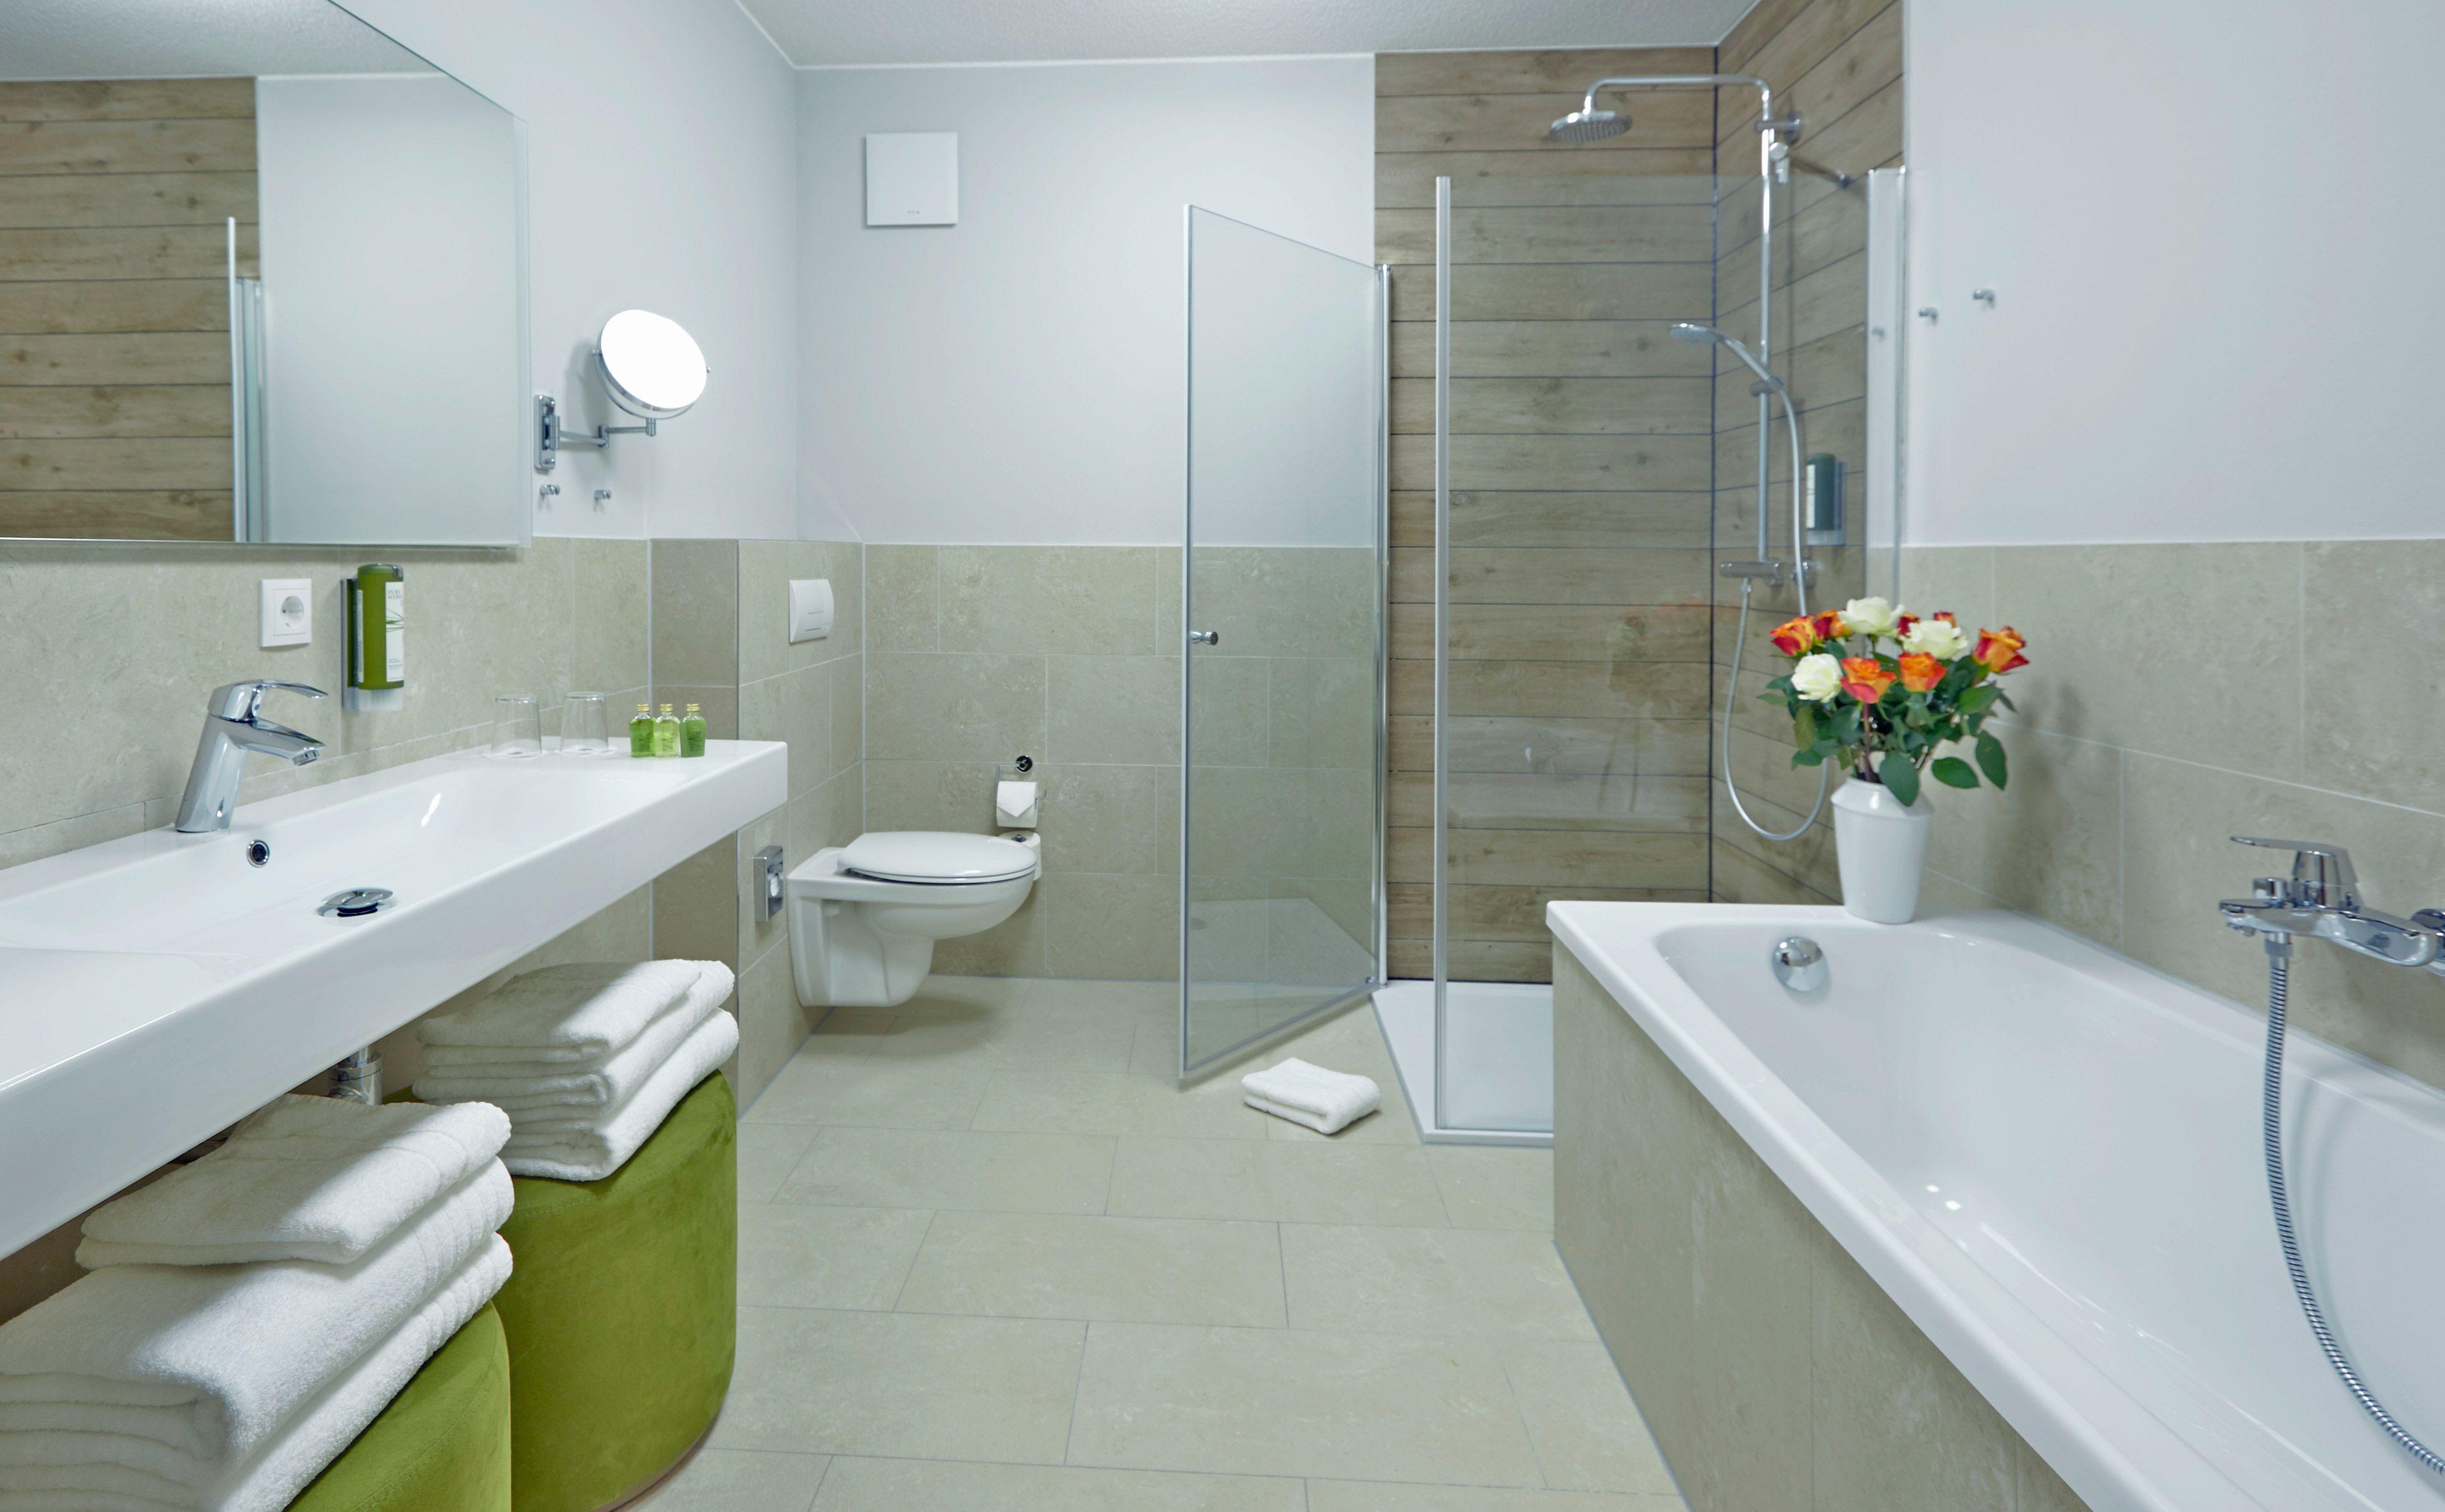 Bildergebnis für badezimmer | Badezimmer | Pinterest | Badezimmer ...